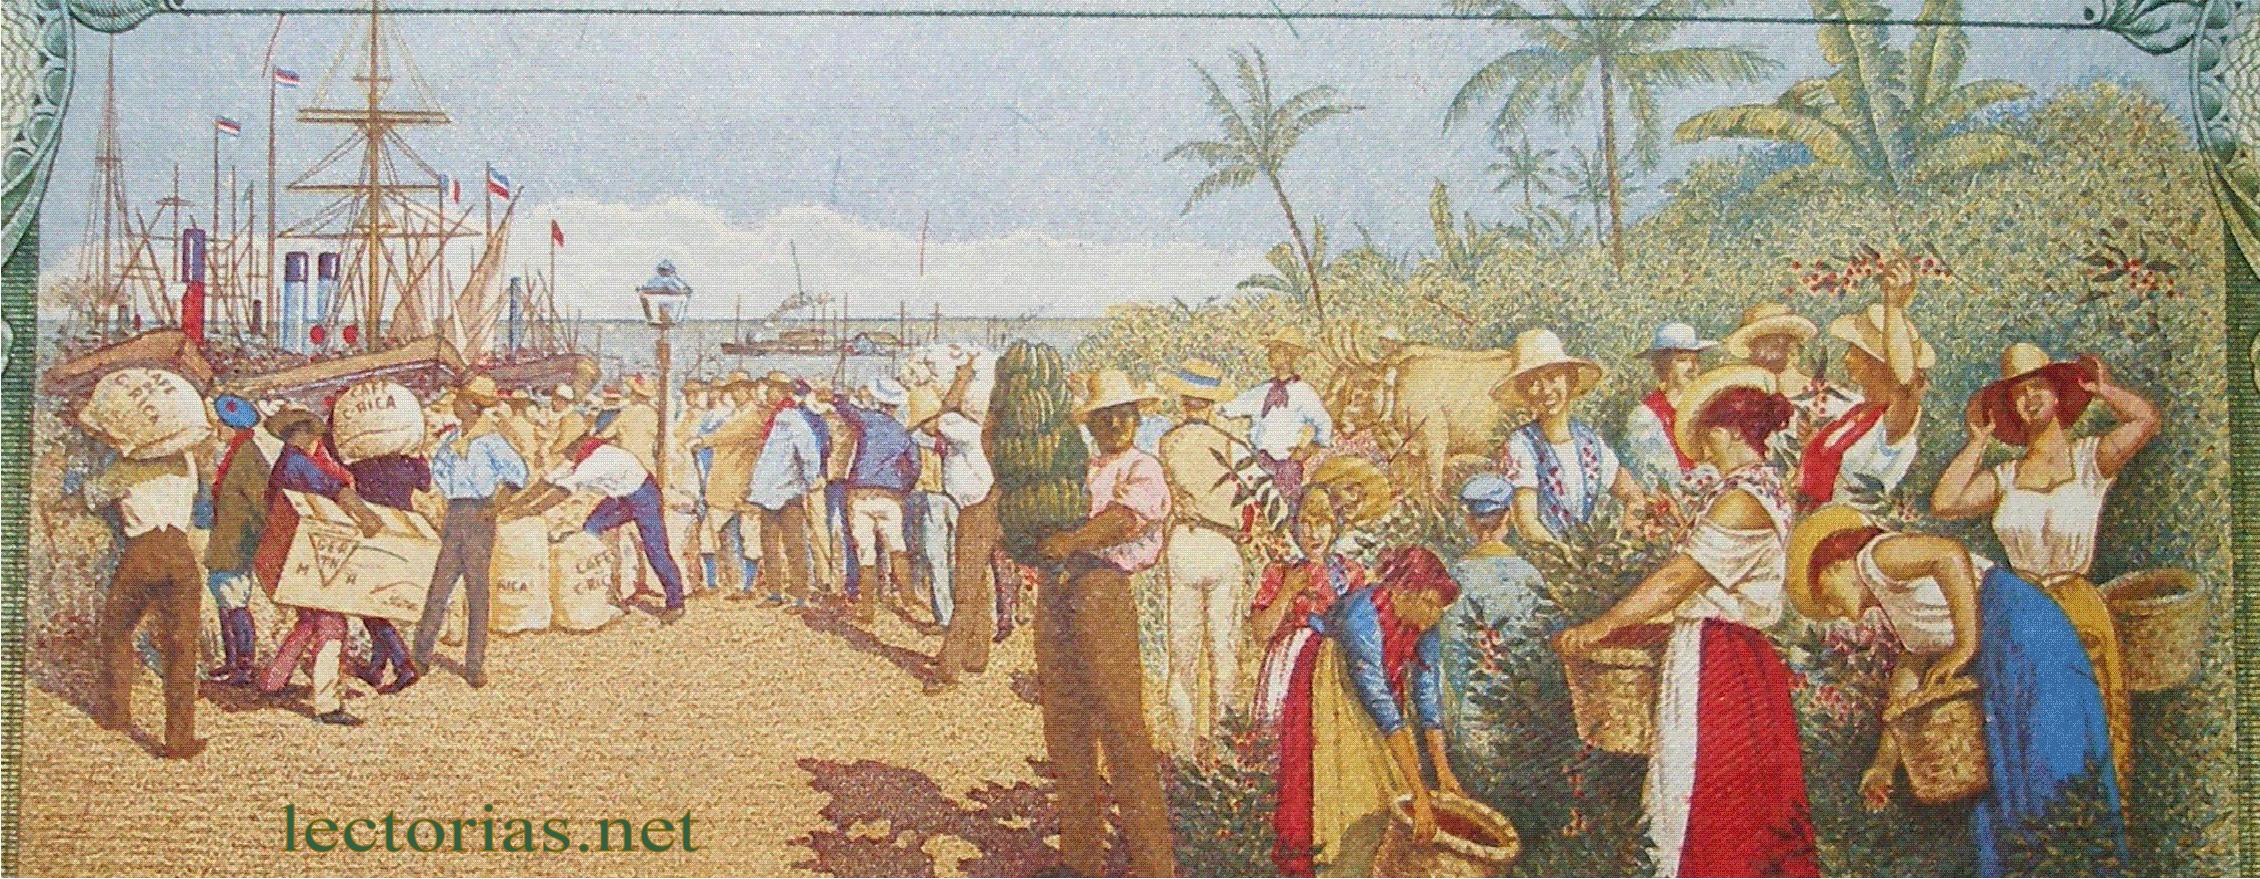 Costa Rica es Así; generalidades, calendario festivo, historia, leyenda, cuento.